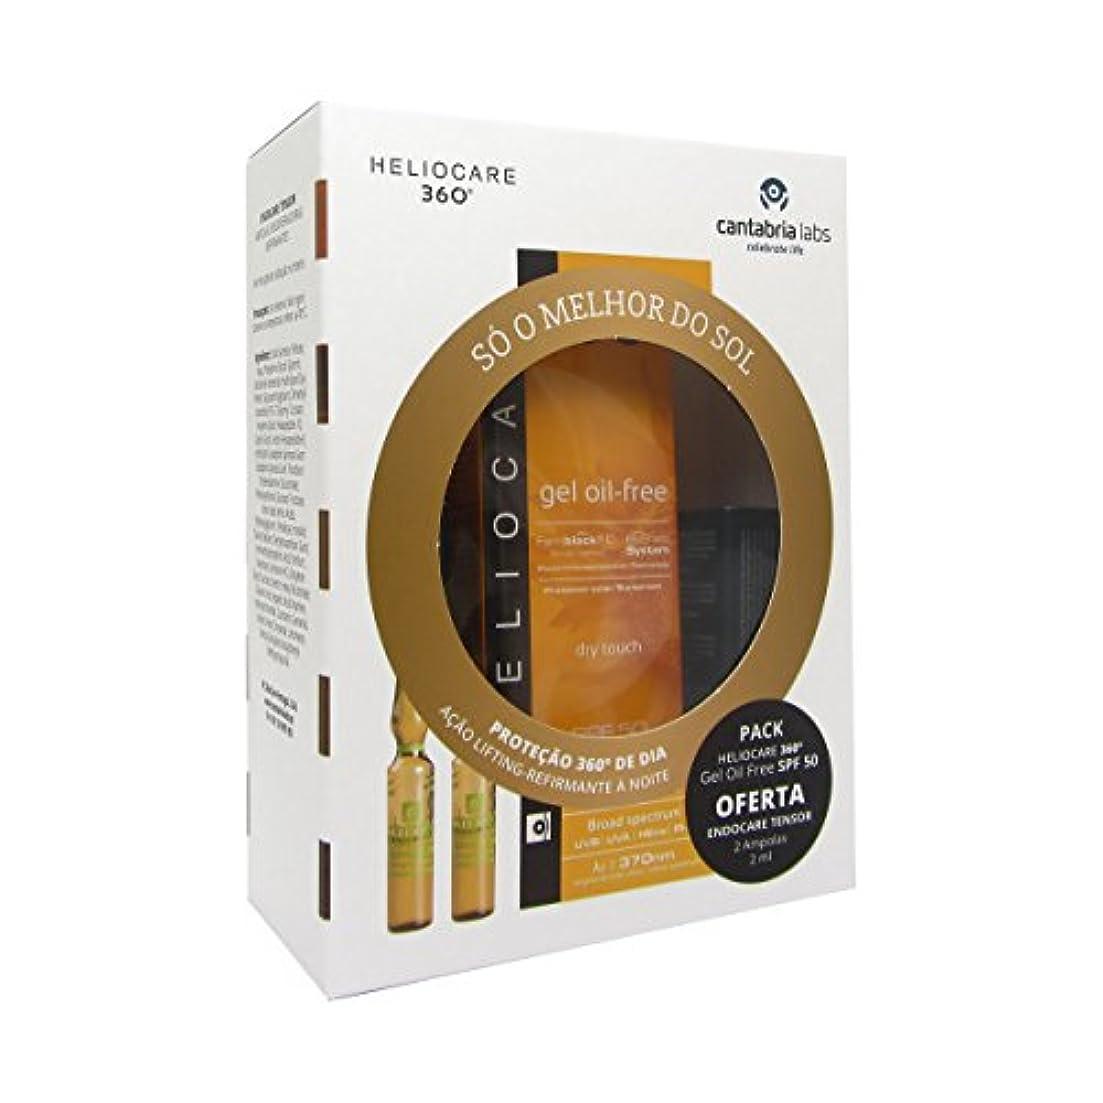 浸食認可スケッチHeliocare 360 Gel Oil Free Spf50 50ml + Endocare Tensor Ampoules2x2ml [並行輸入品]